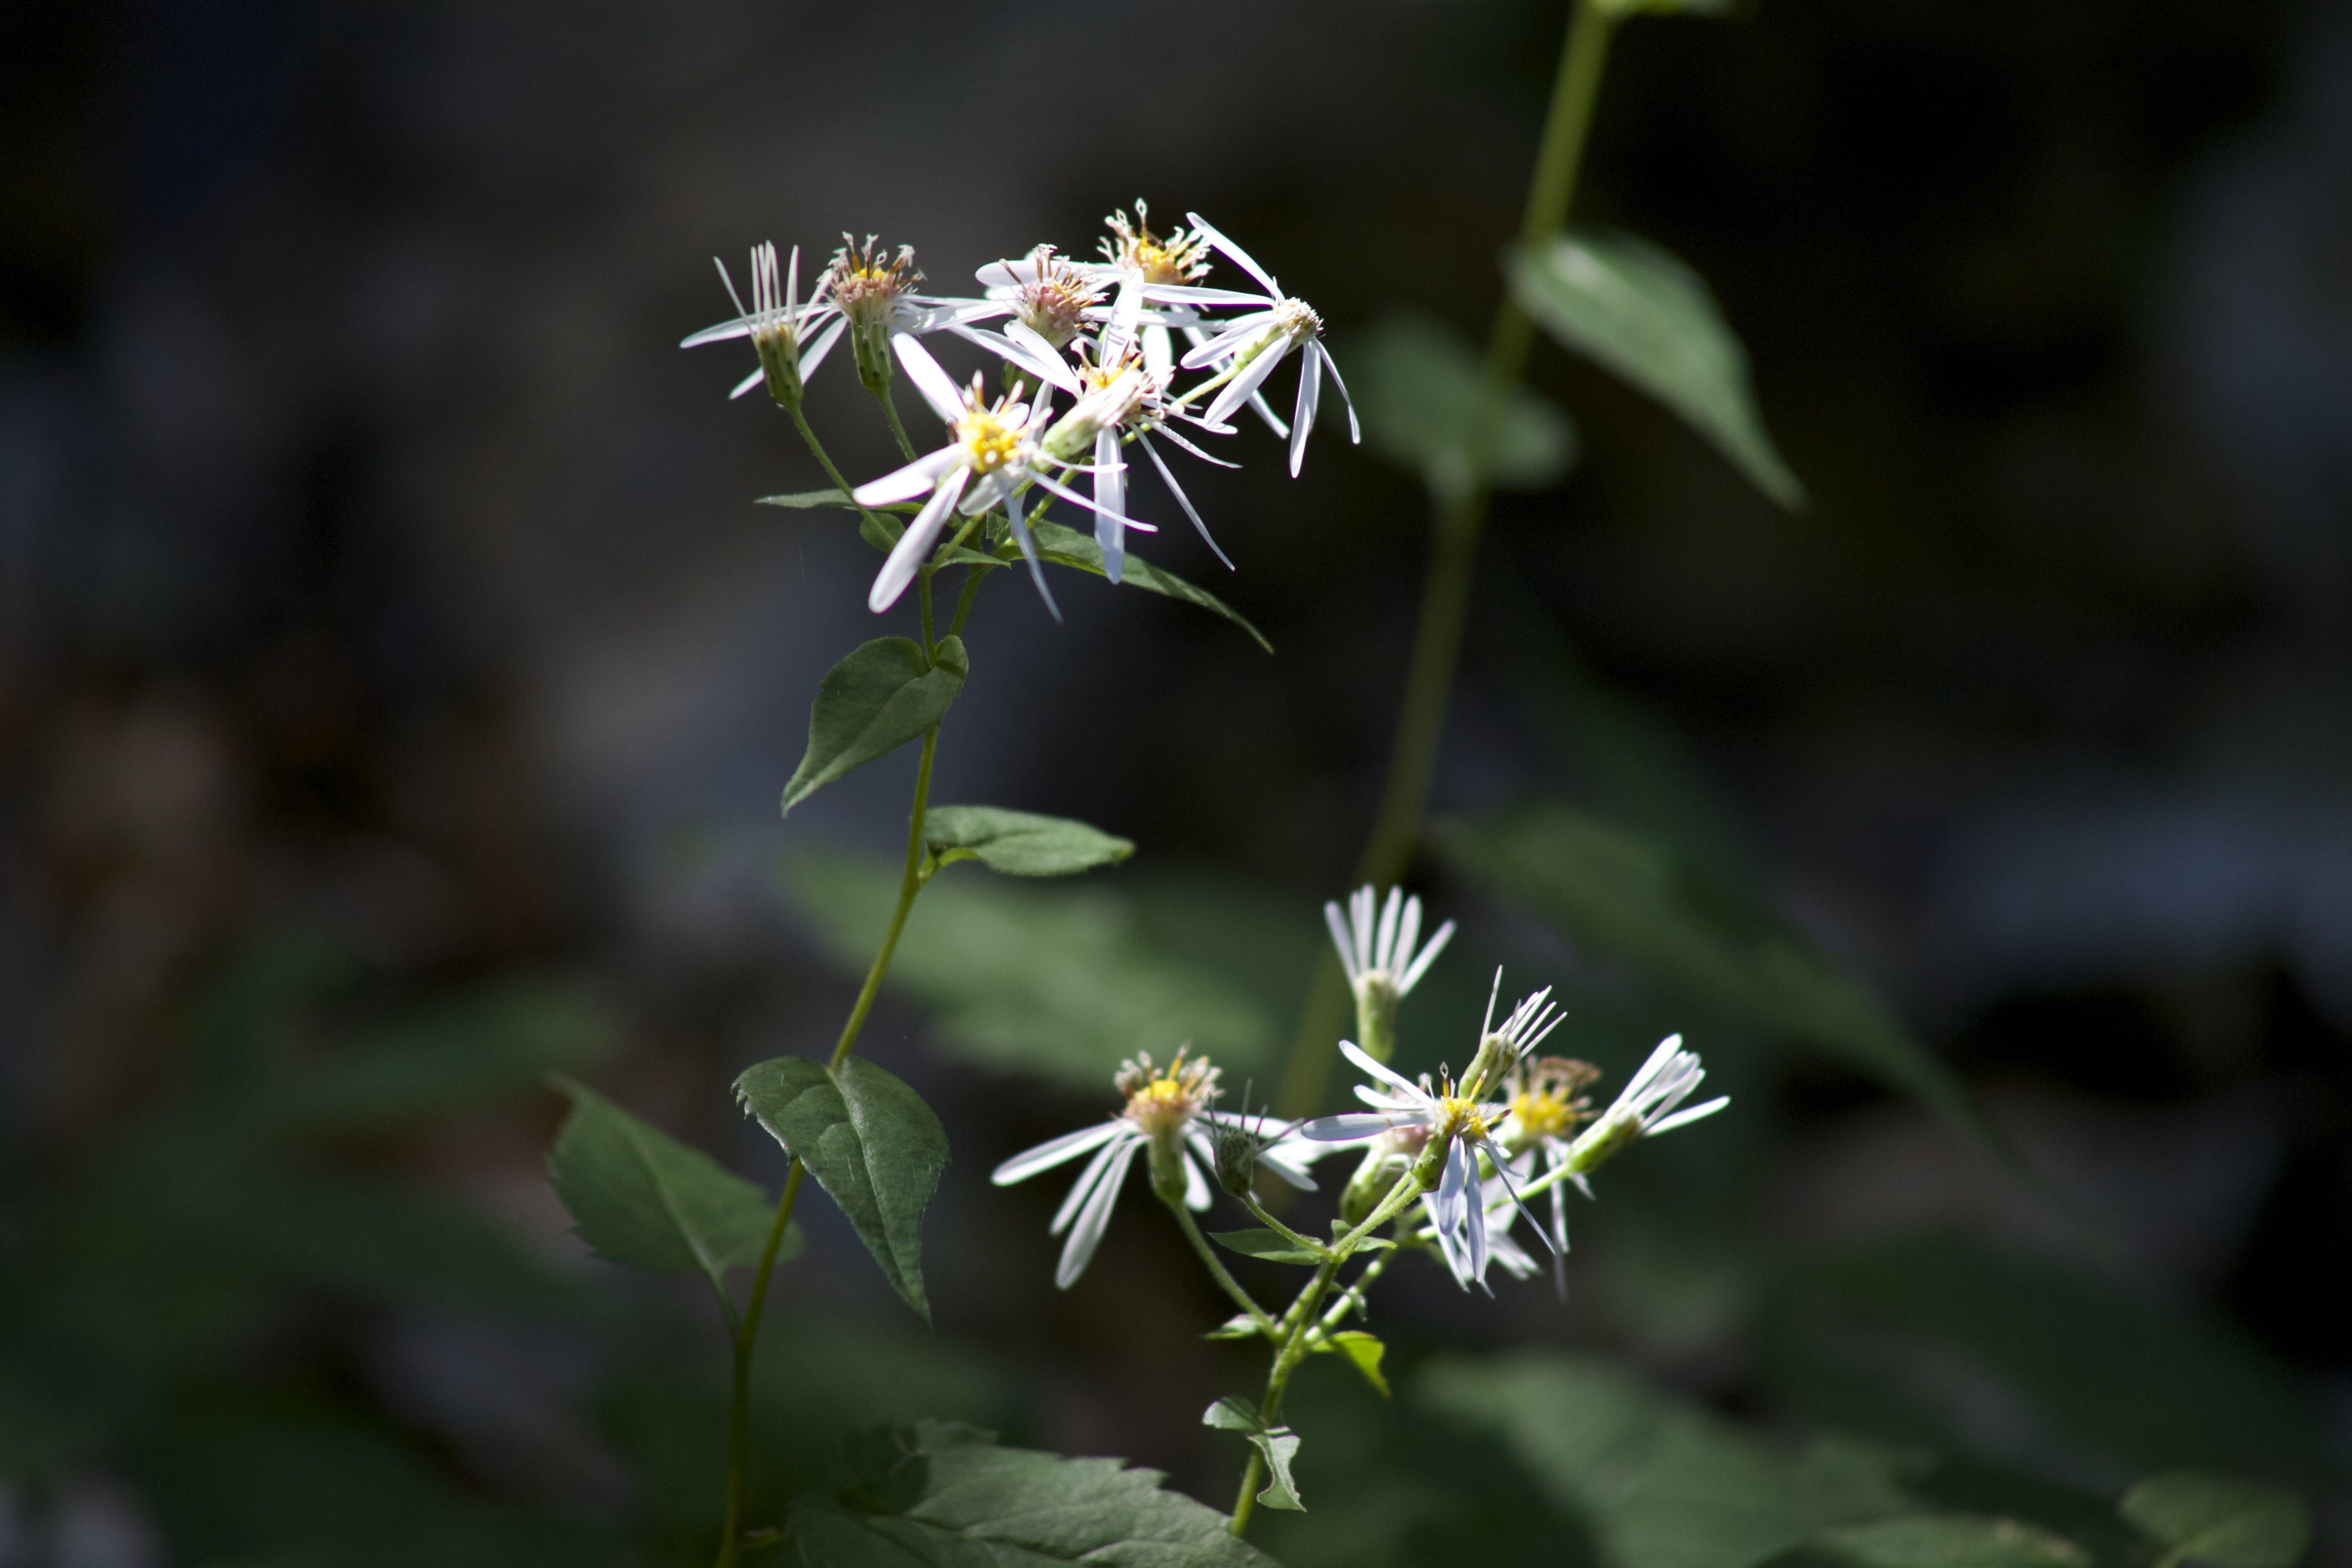 closeup, flower, flowers